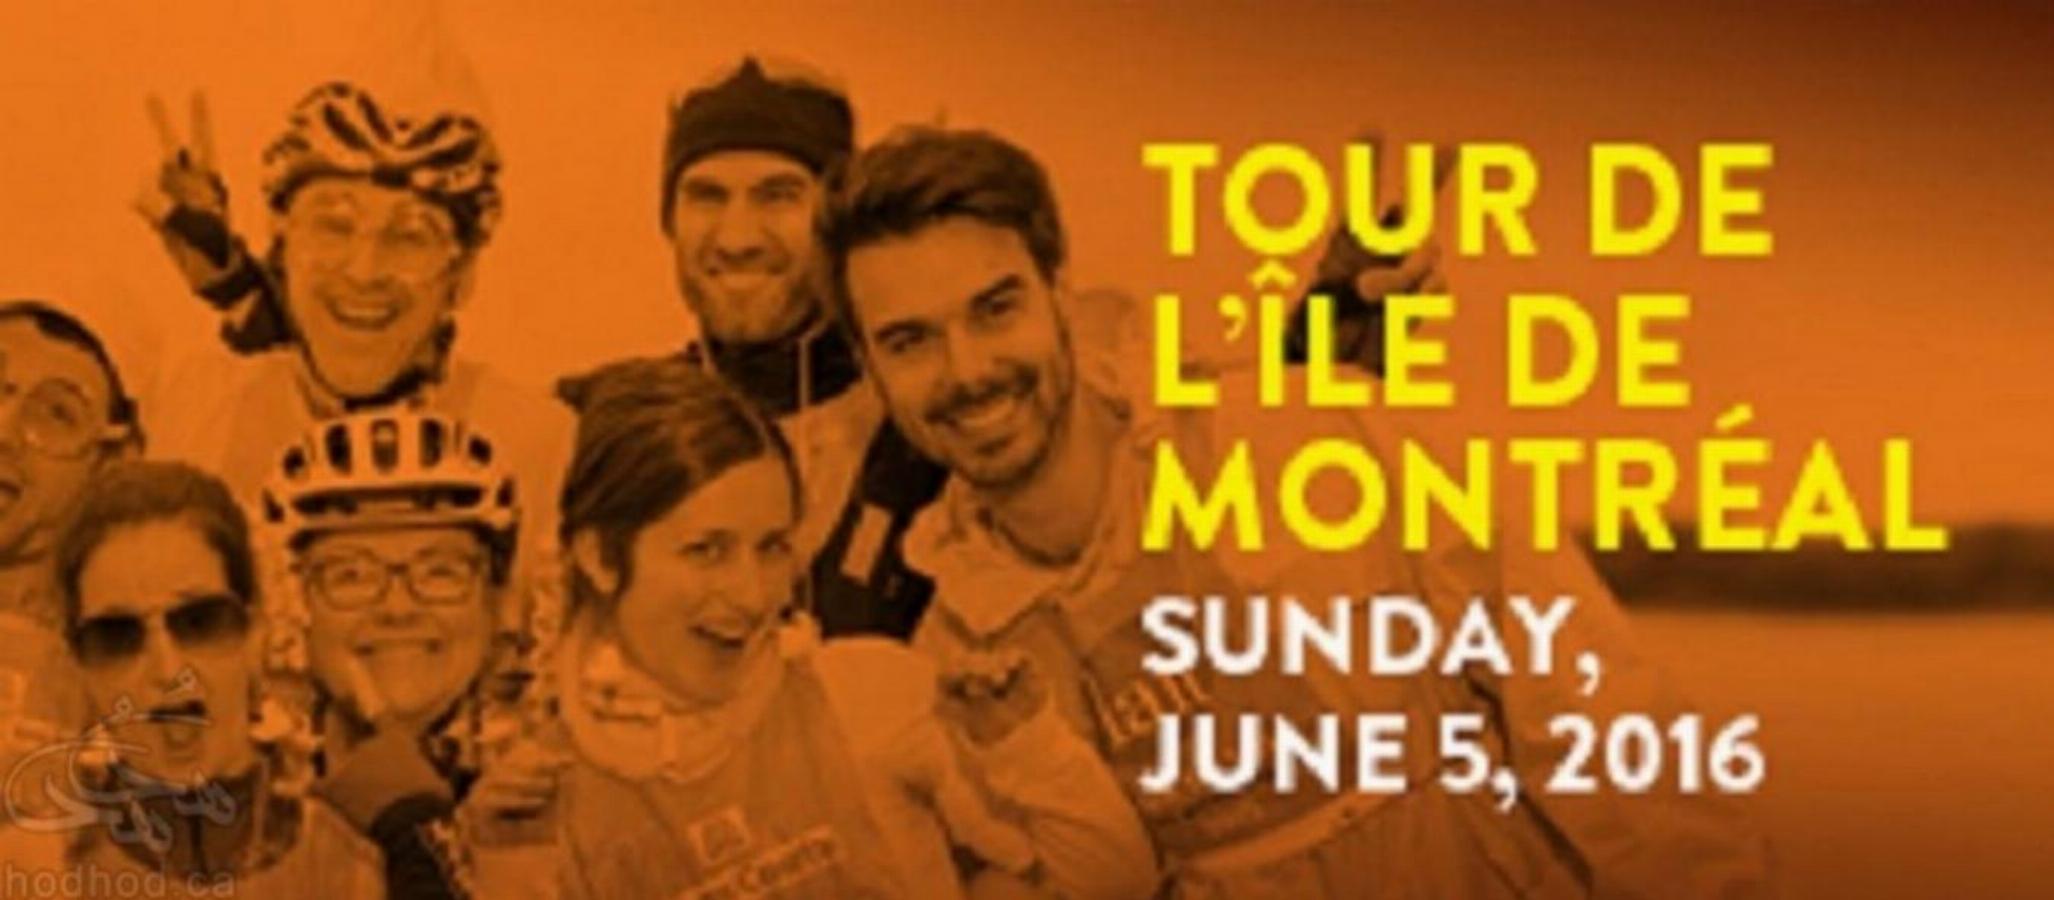 با بزرگترین رویداد دوچرخه سواری عمومی کانادا همراه شوید!